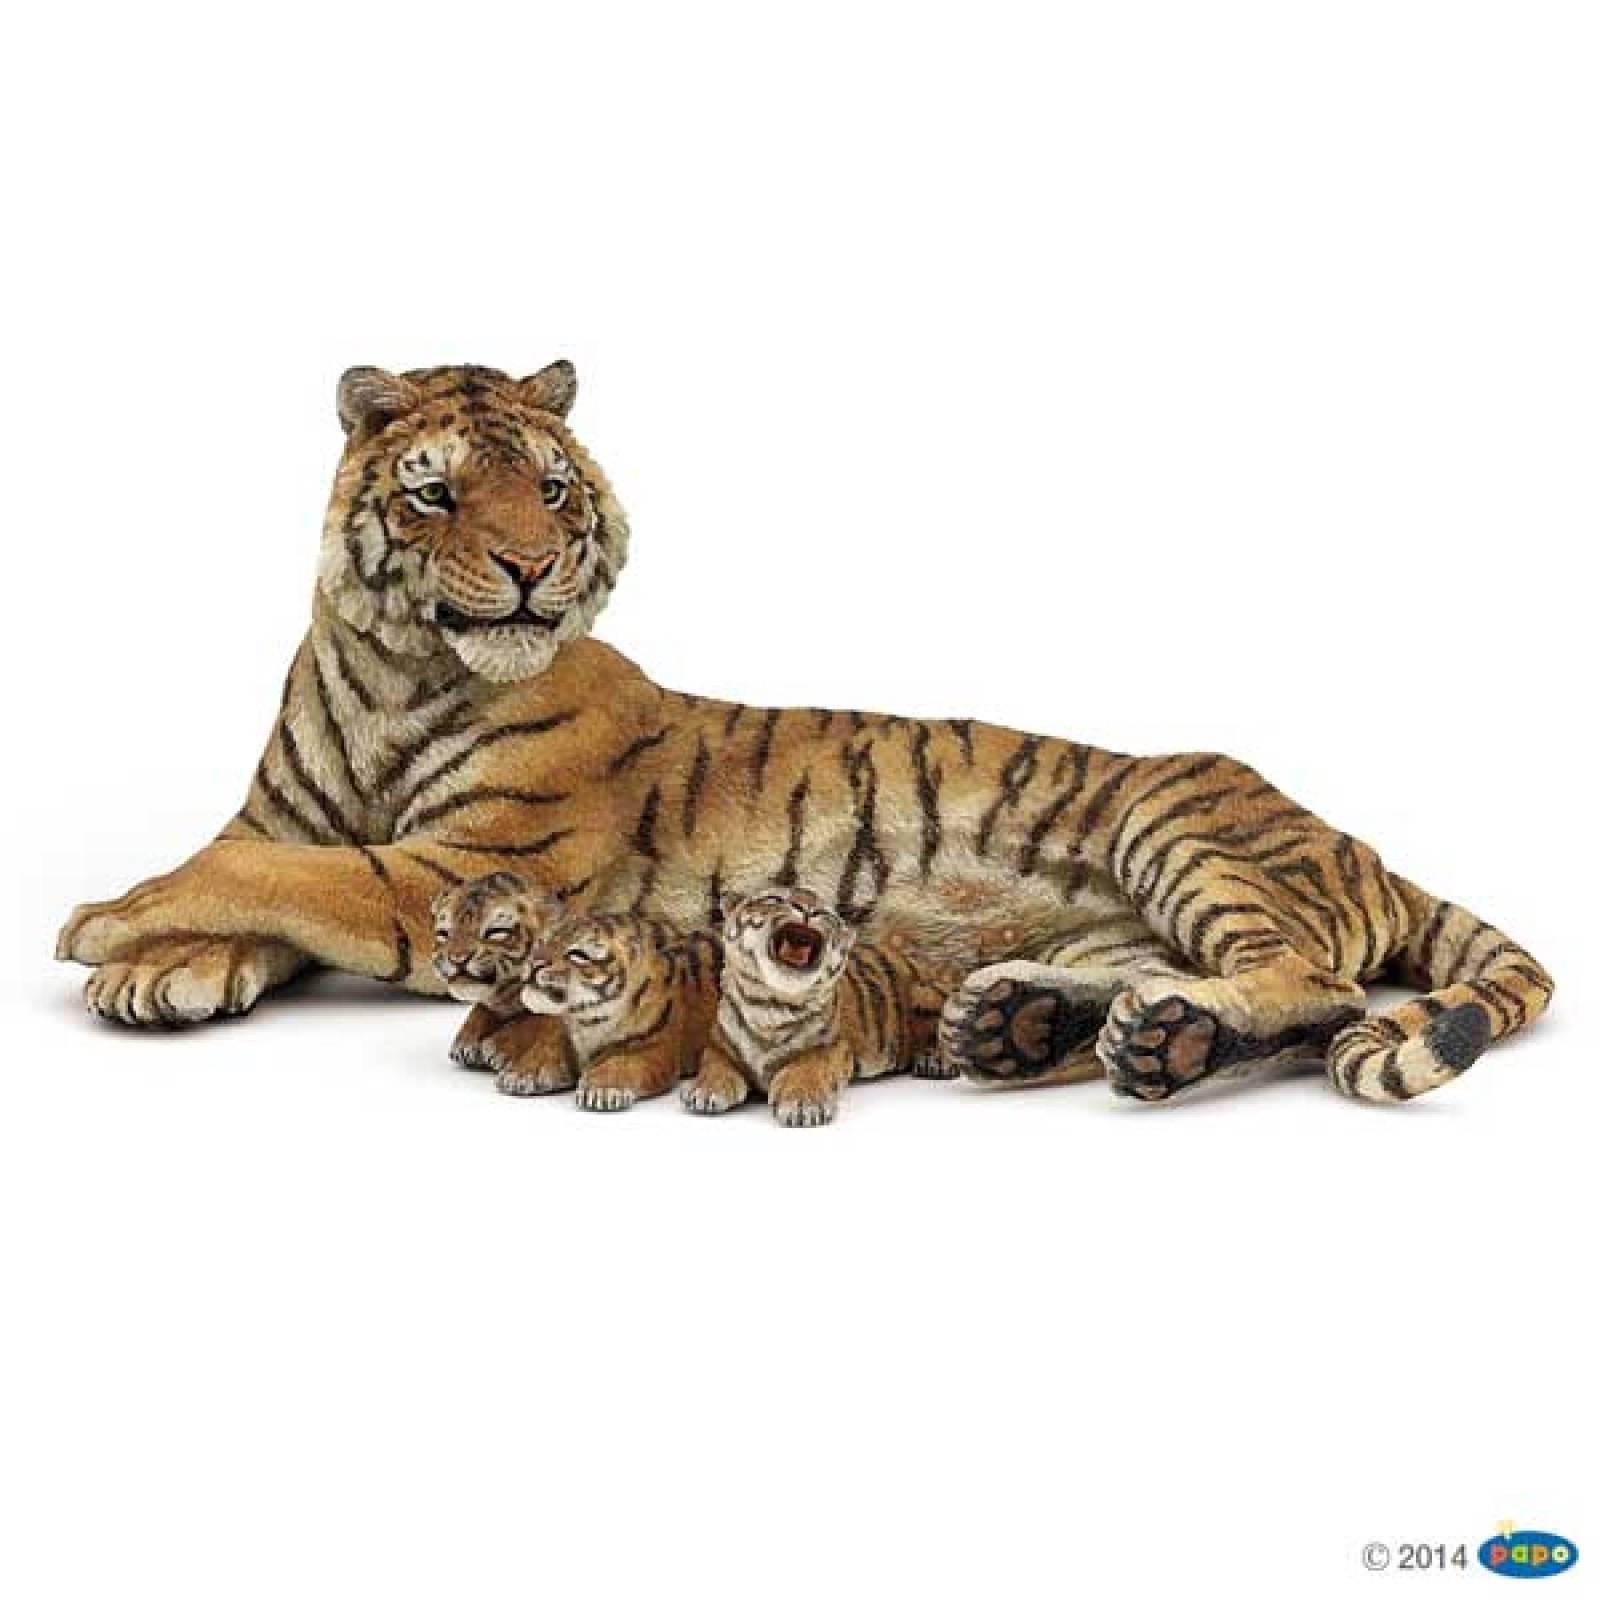 Tiger Family PAPO WILD ANIMAL thumbnails